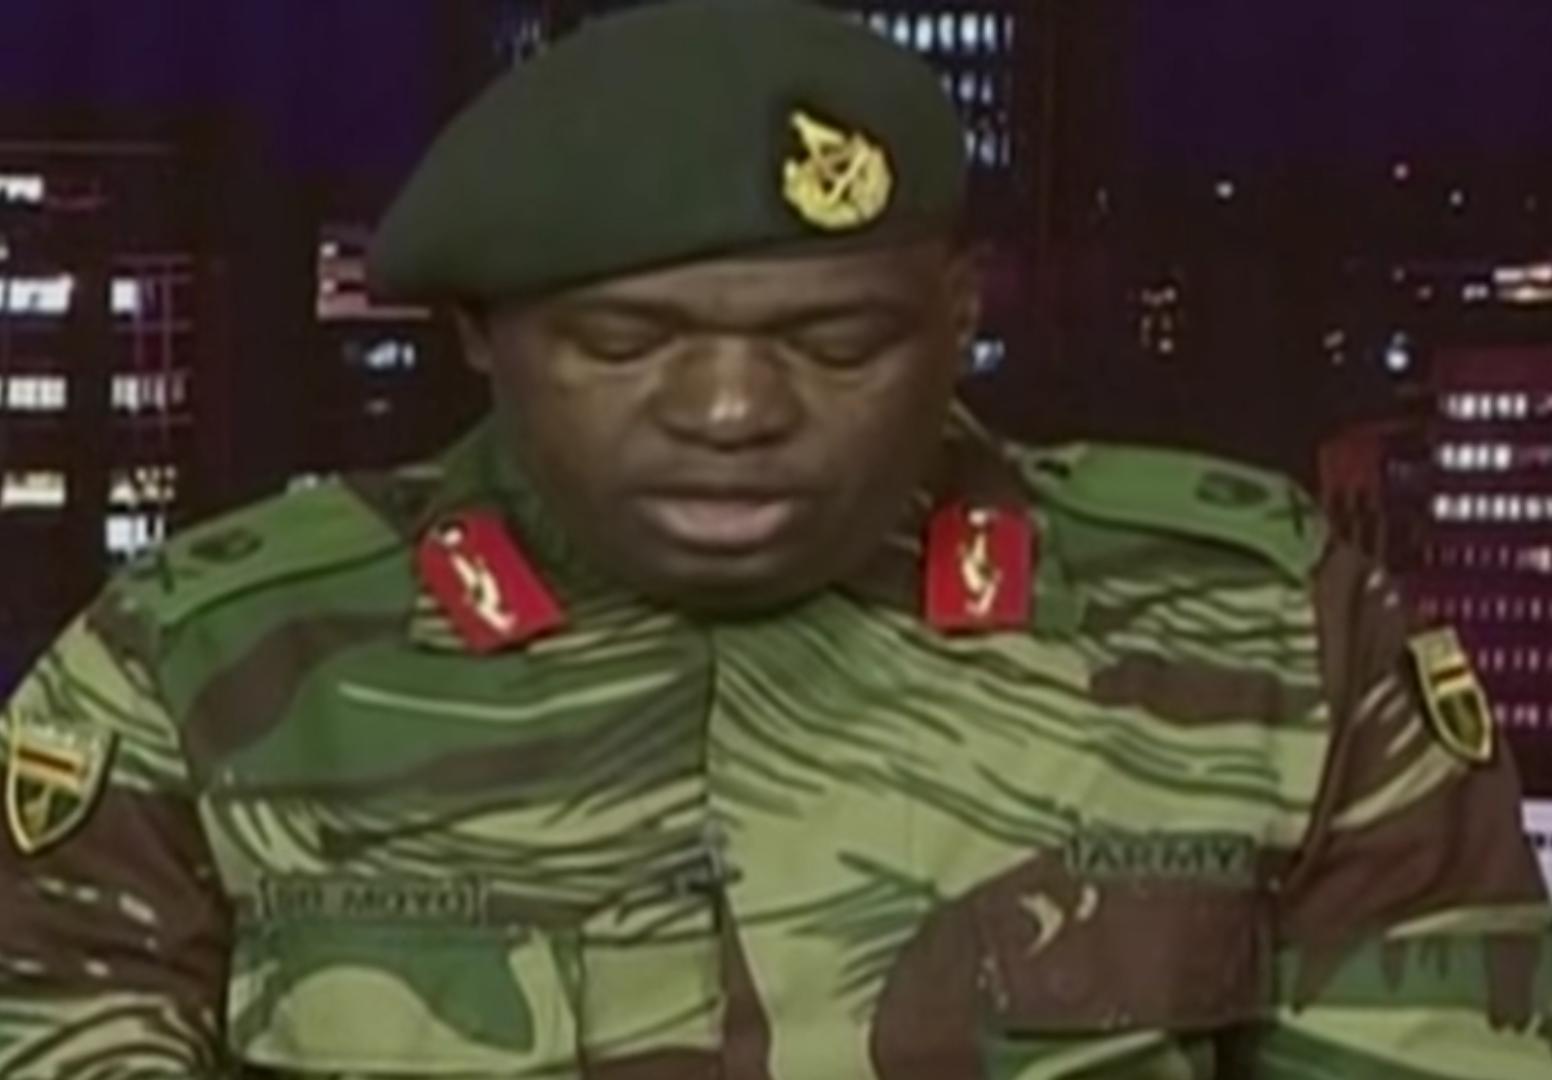 الجيش يسيطر على العاصمة الزيمبابوية وموغابي يؤكد أنه تحت الإقامة الجبرية